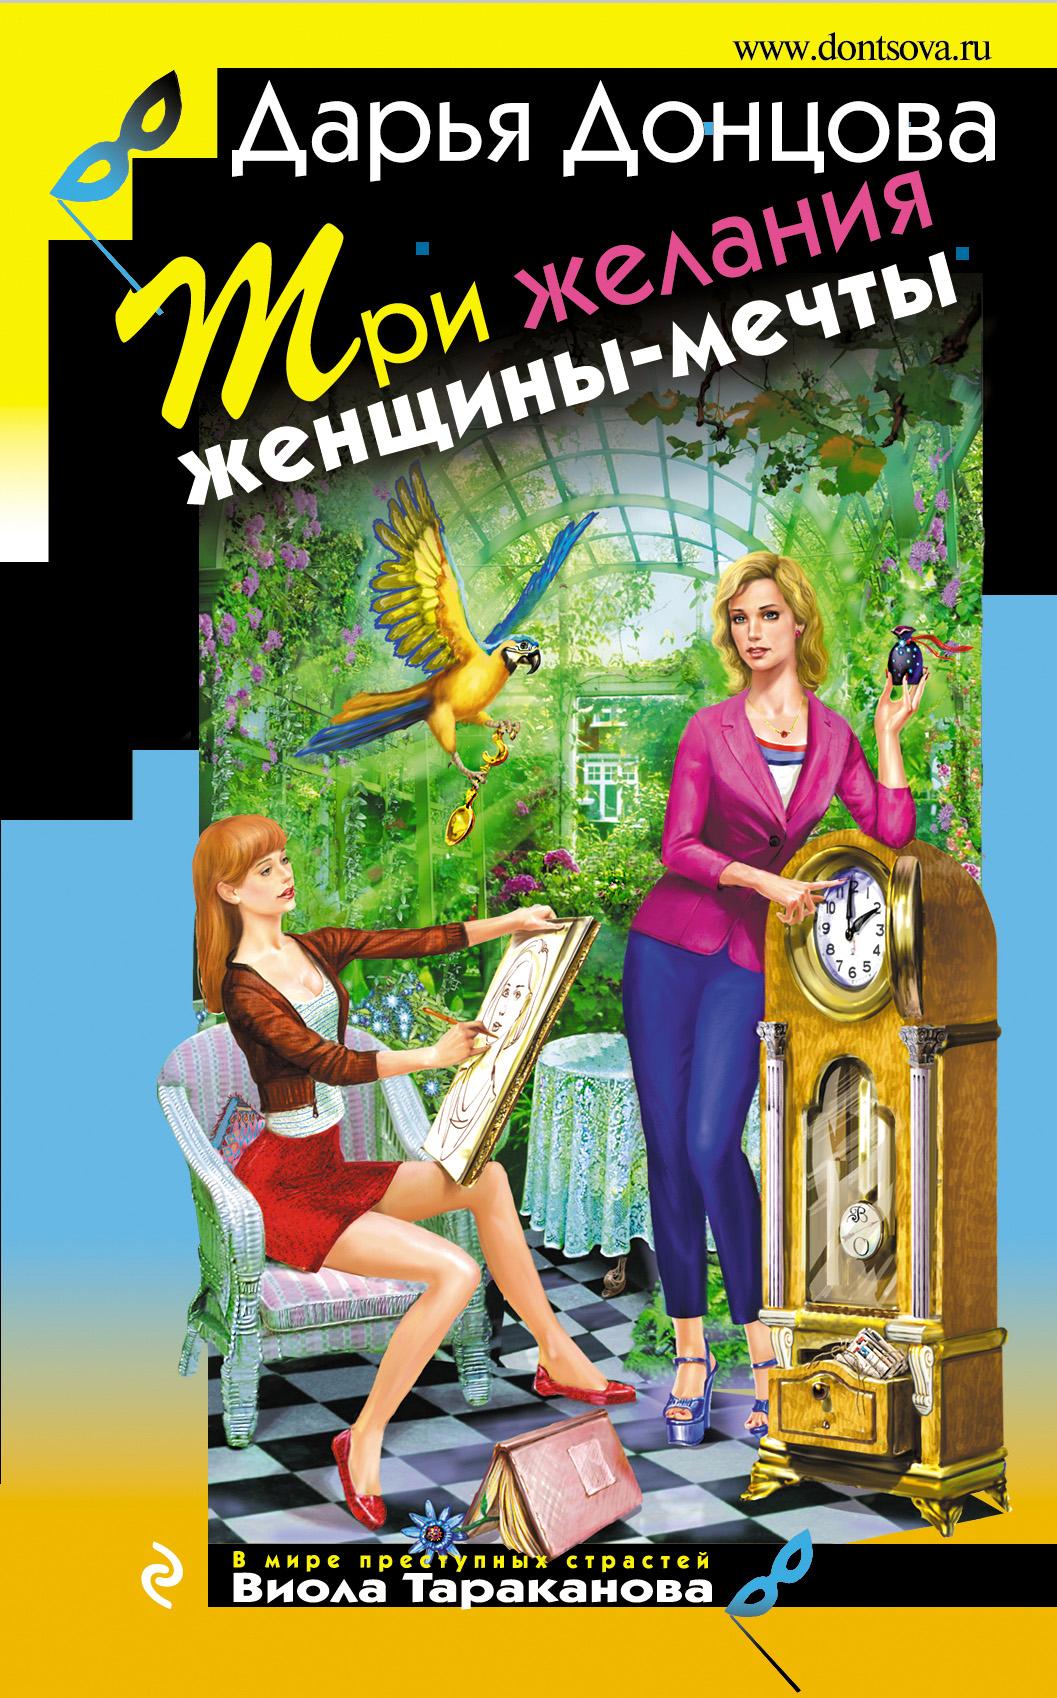 Три желания женщины-мечты ( Дарья Донцова  )